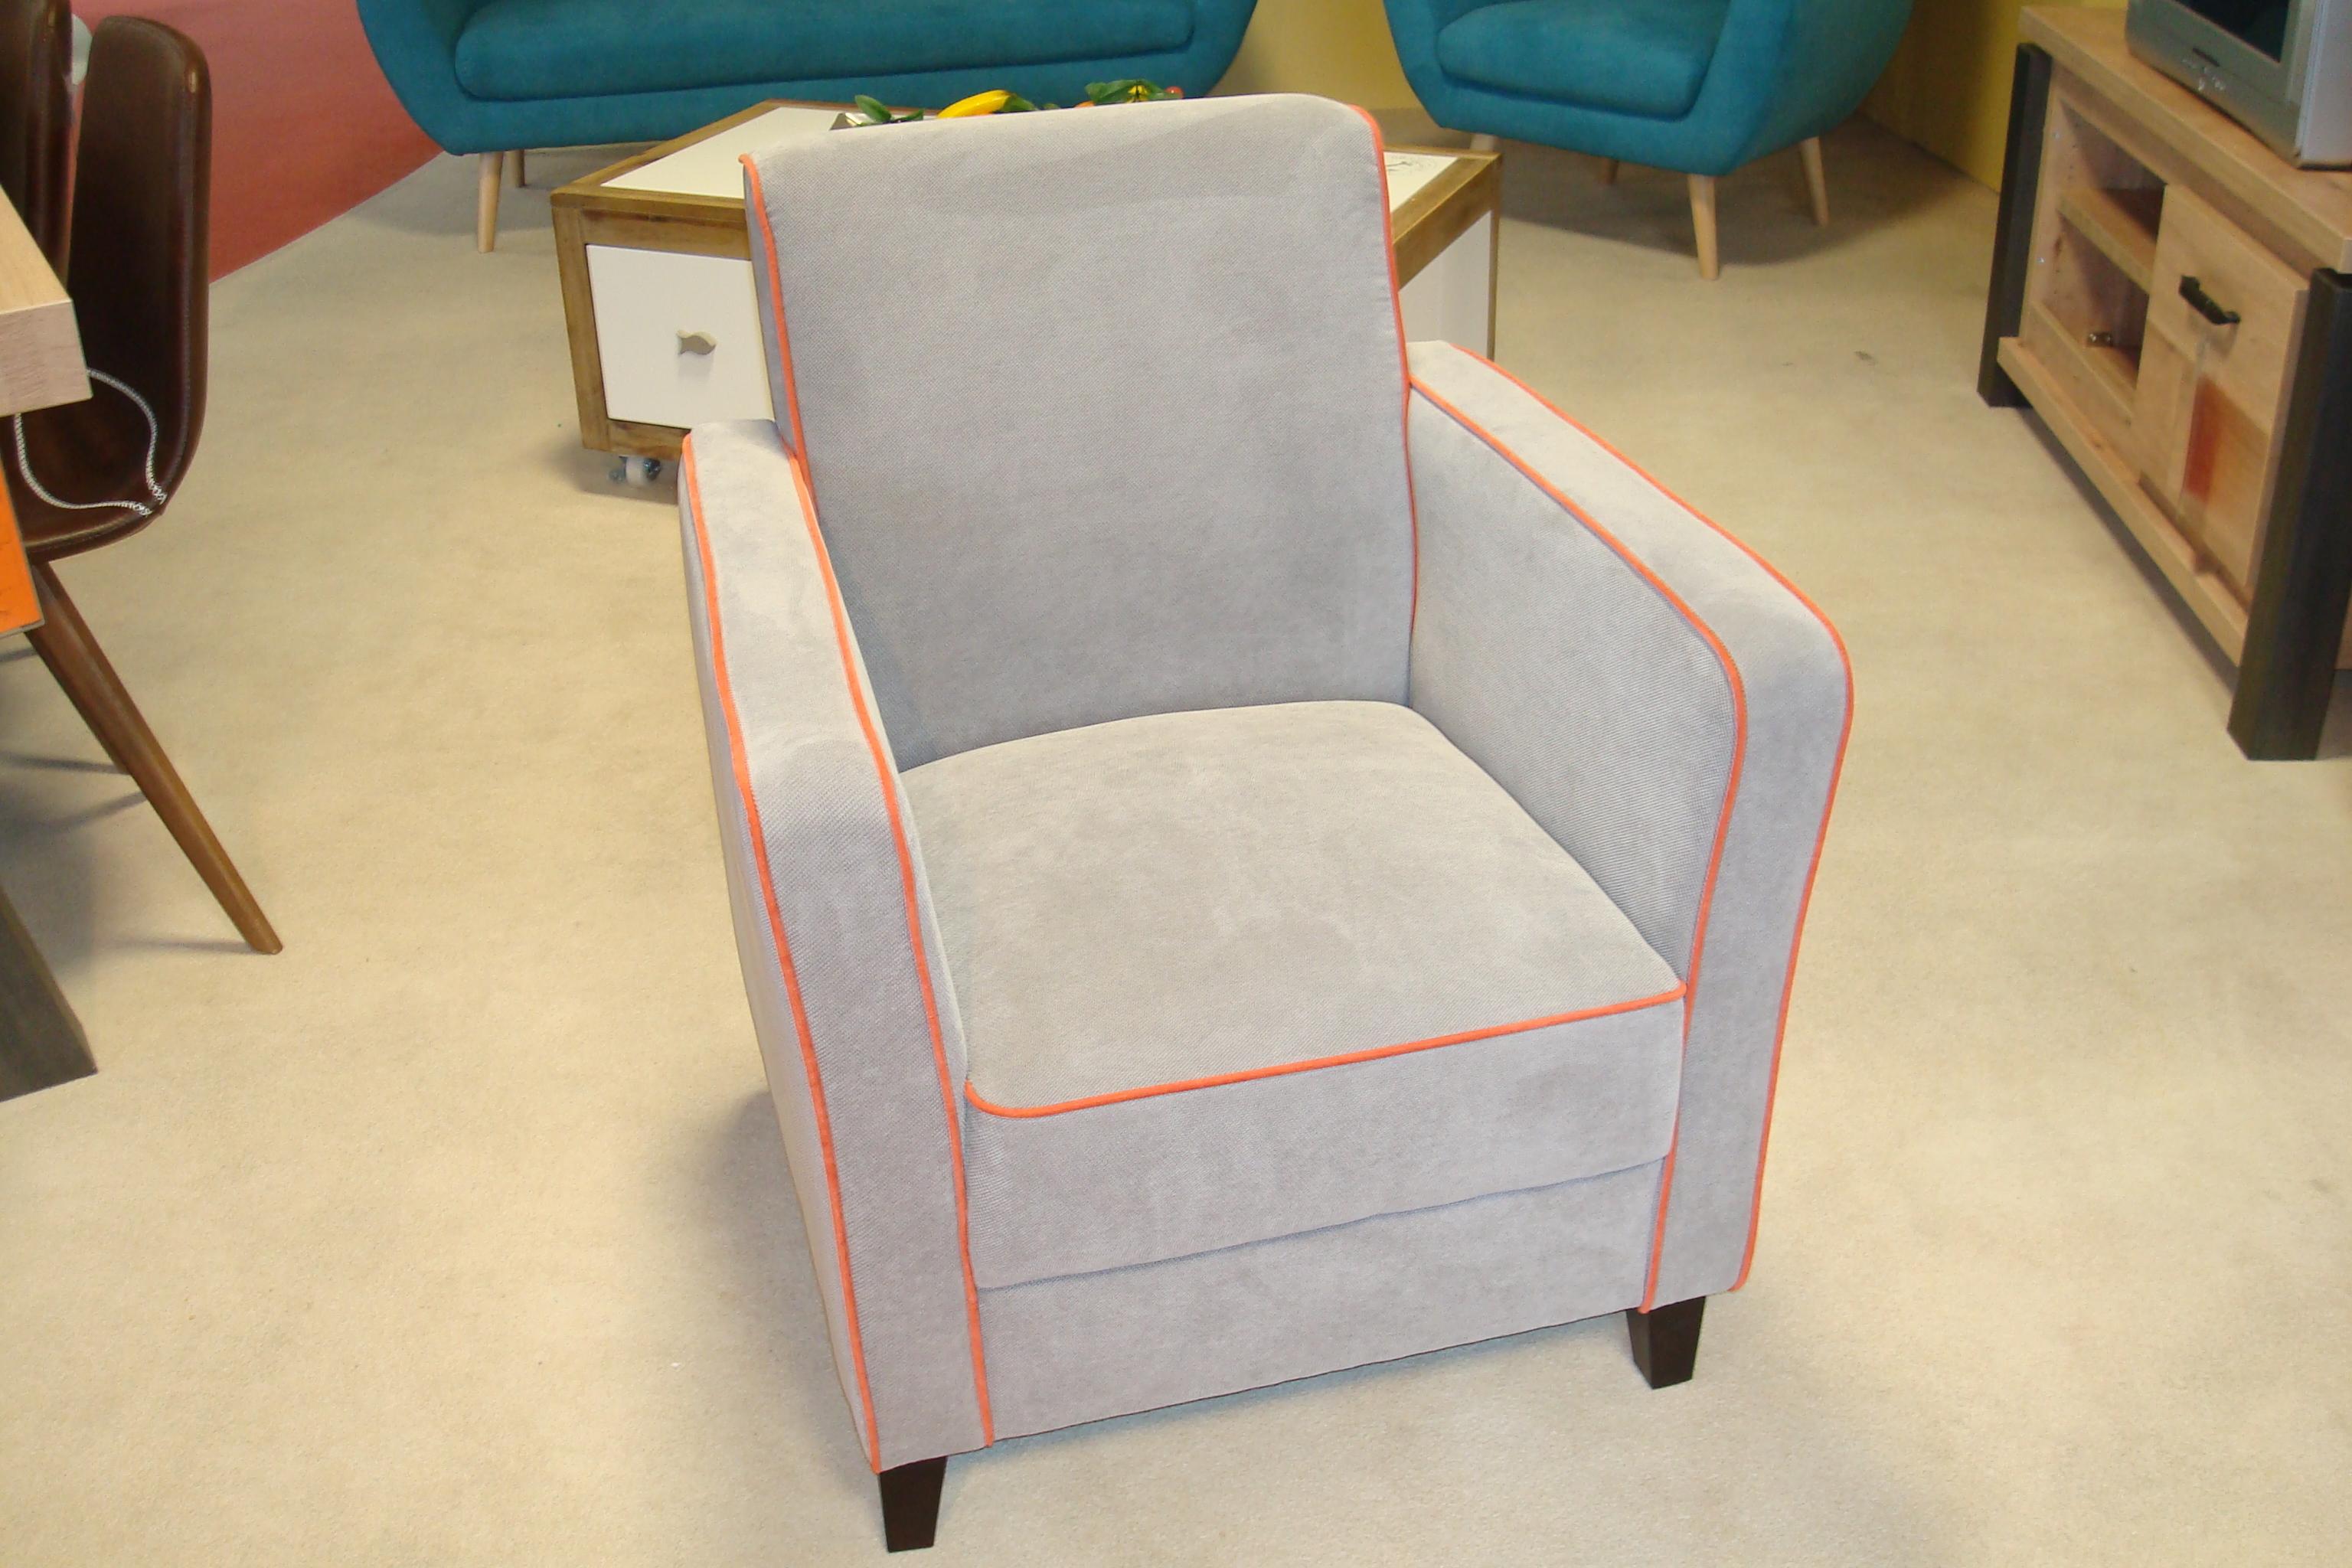 Fauteuils meubles thibaud for Meuble tolede 110